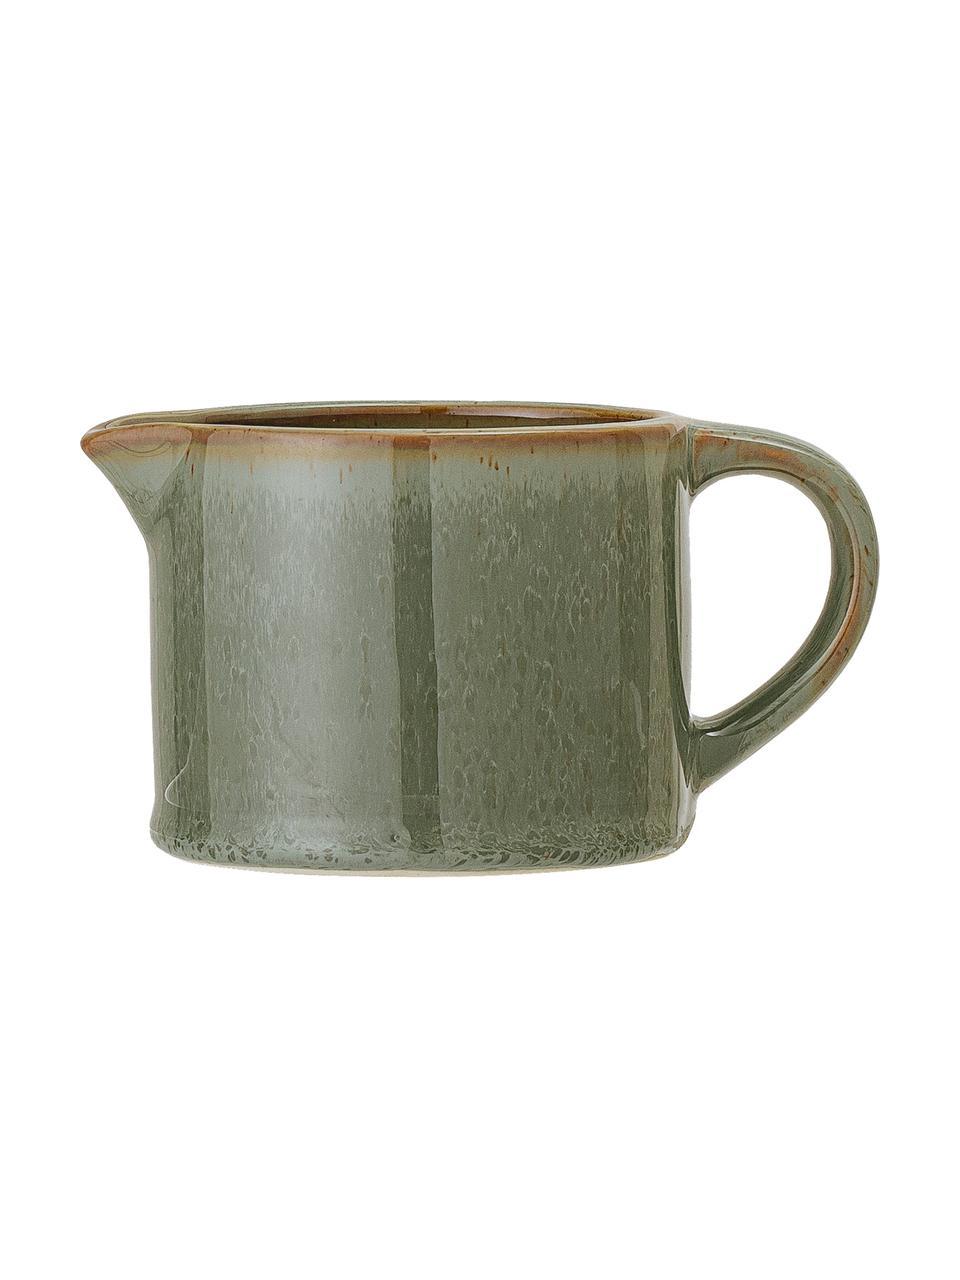 Steingut Milchkännchen Pixie, 275 ml, Steingut, Grün, Brauntöne, Ø 9 x H 7 cm